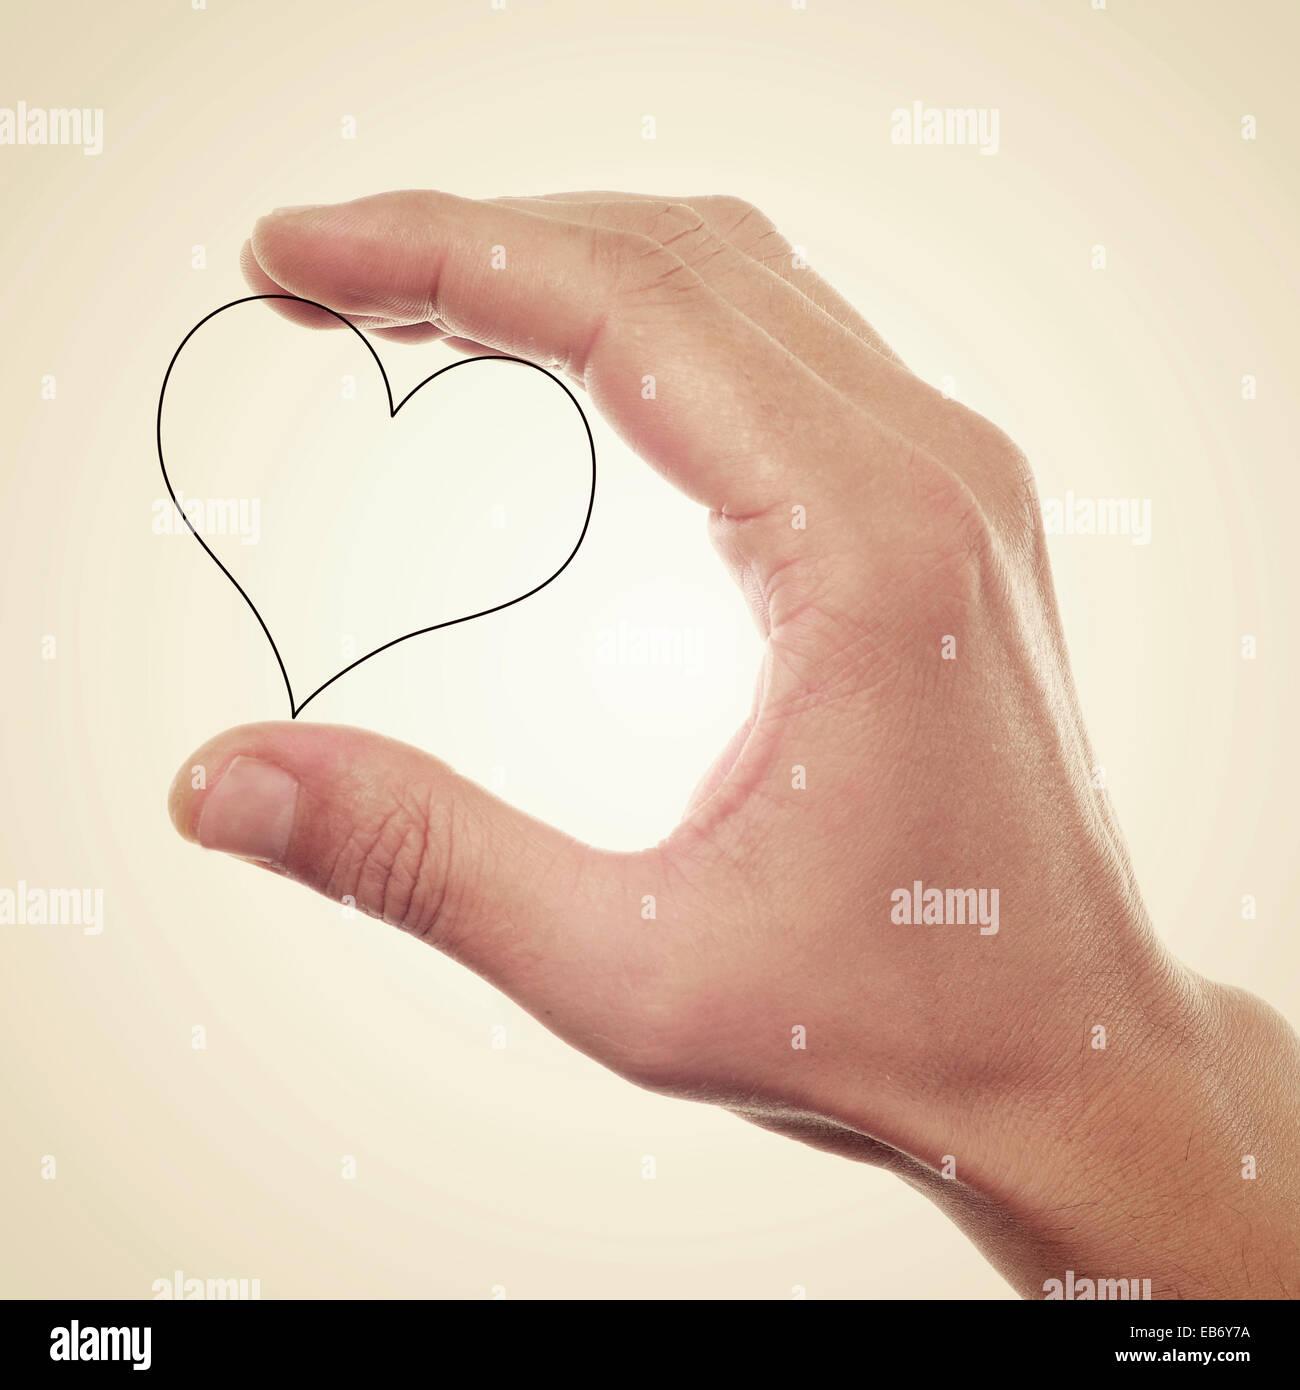 Foto di qualcuno in possesso di un cuore disegnato a mano con un effetto retrò Immagini Stock